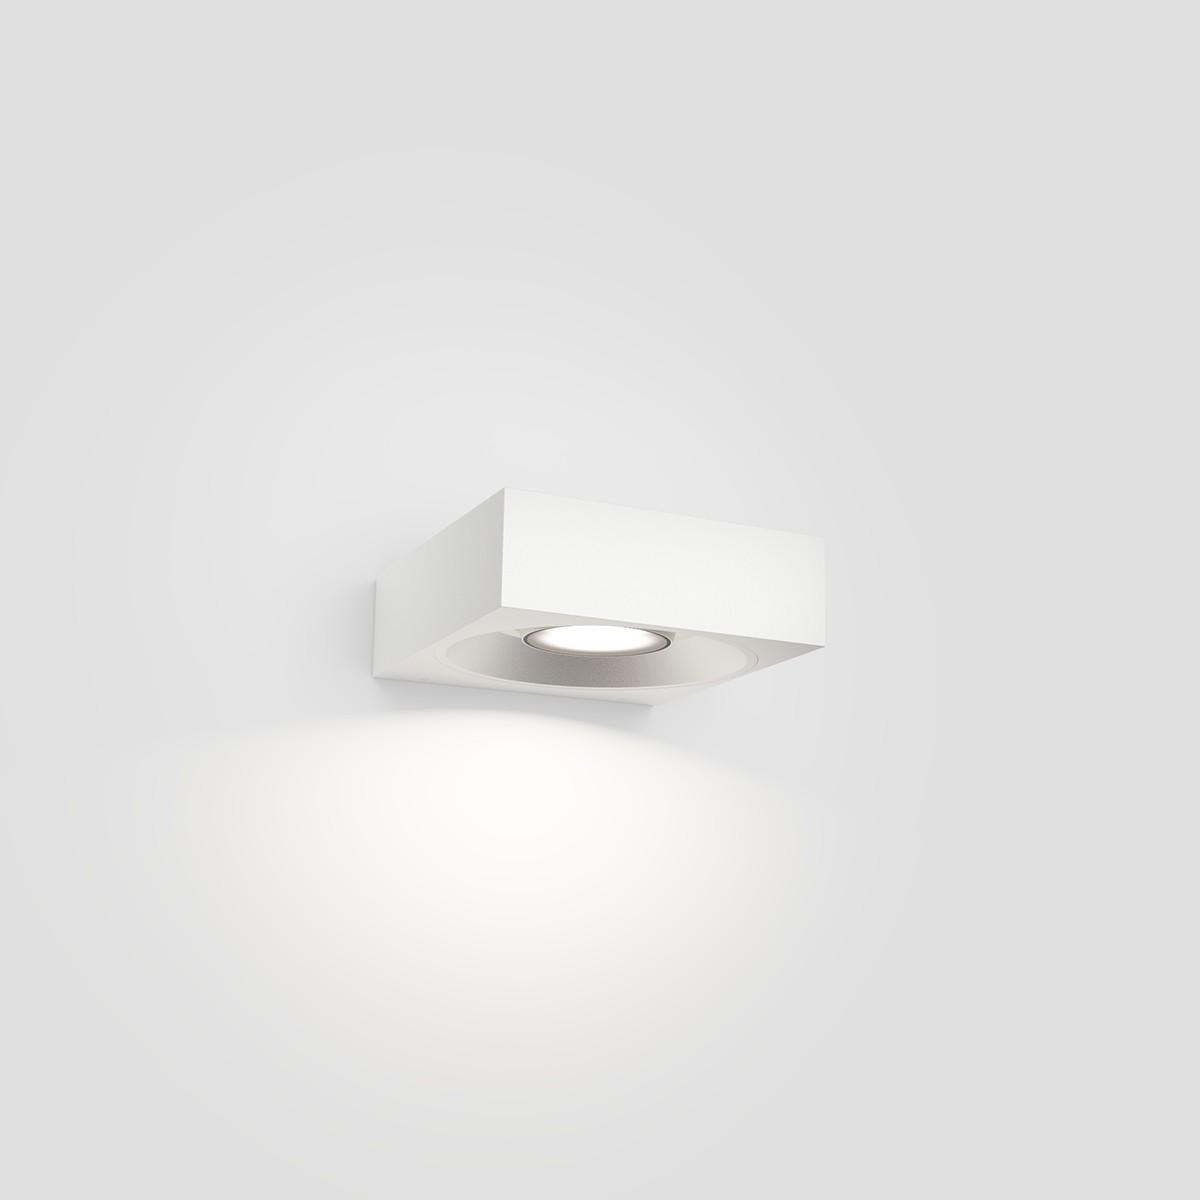 IP44.de Pip LED Außenwandleuchte, pure white (weiß)